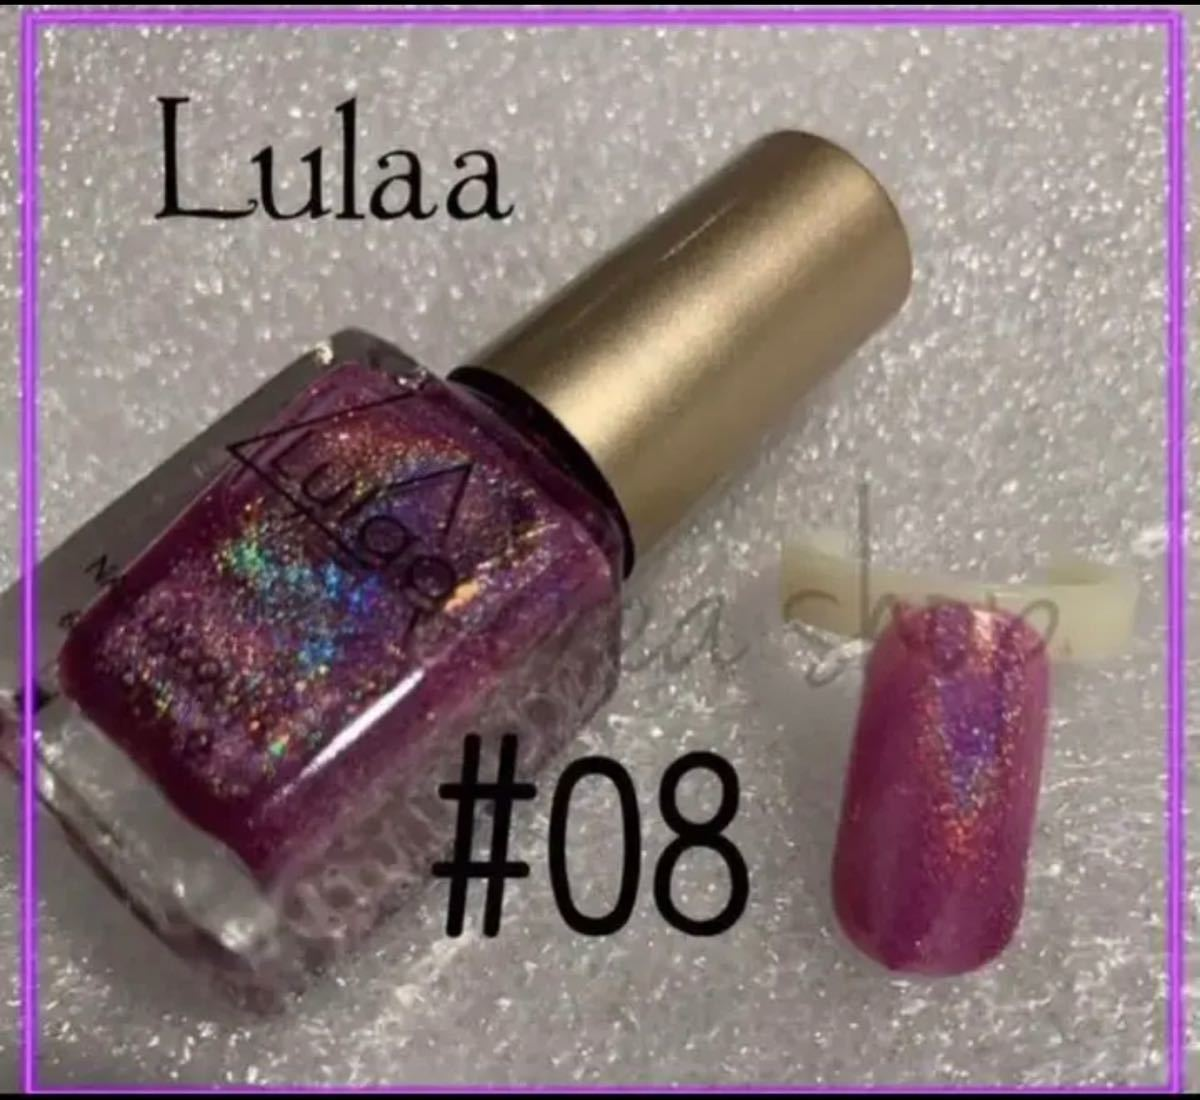 LULAA ホロネイル レーザーネイルポリッシュ マニキュア #08 セルフネイルに ネイルカラー